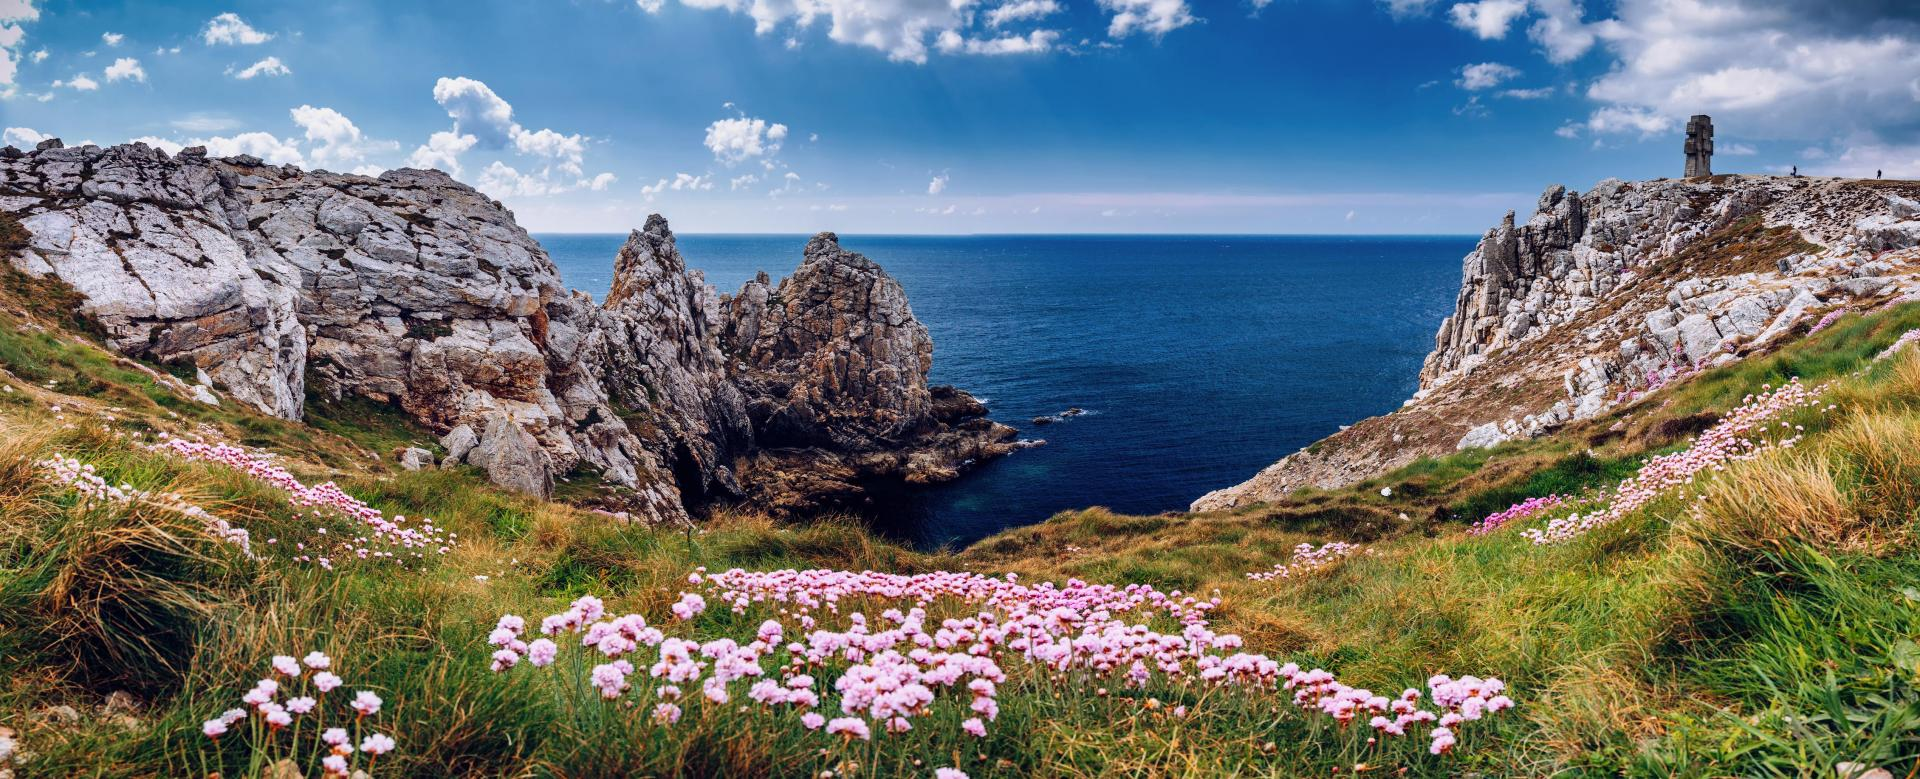 Voyage à pied France : Presqu'île de crozon et ouessant